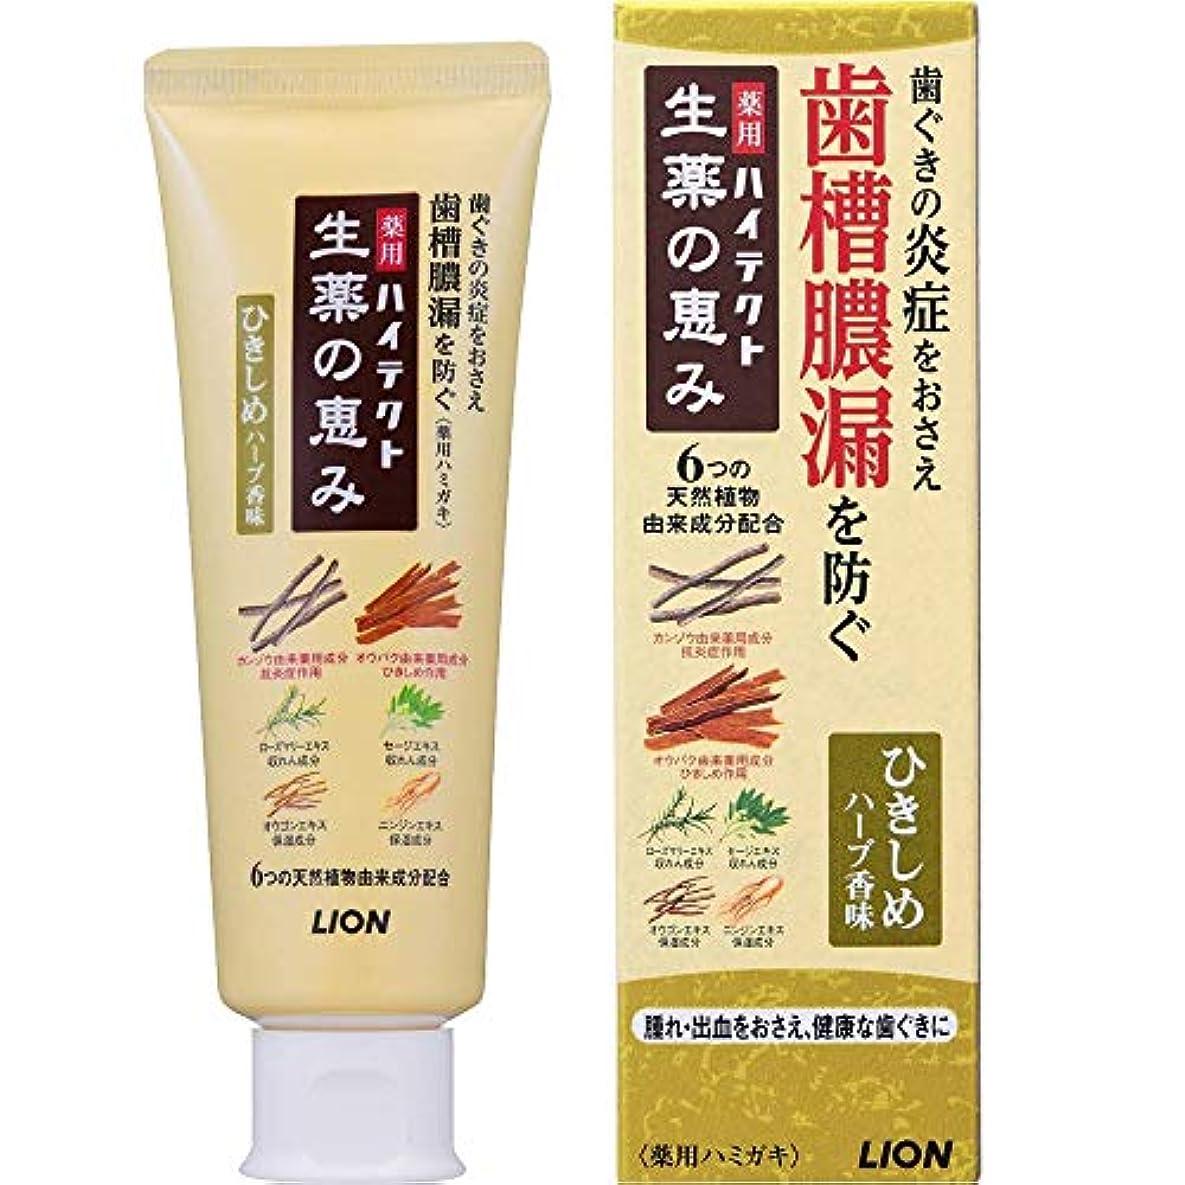 前投薬毛皮応用薬用ハイテクト生薬の恵み ひきしめハーブ香味 90g